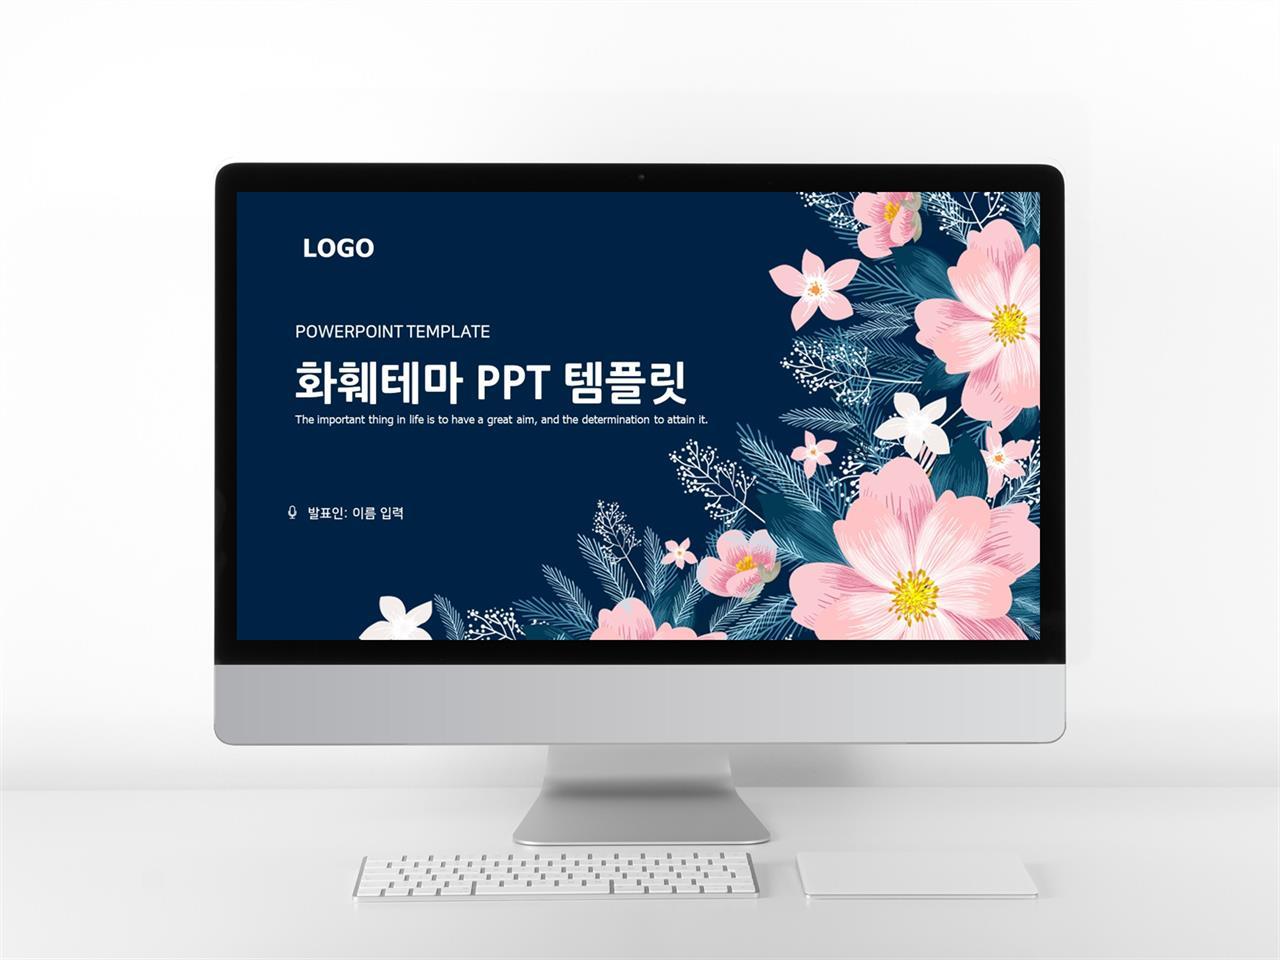 꽃과 동식물 주제 자주색 어둠침침한 고급스럽운 PPT탬플릿 사이트 미리보기